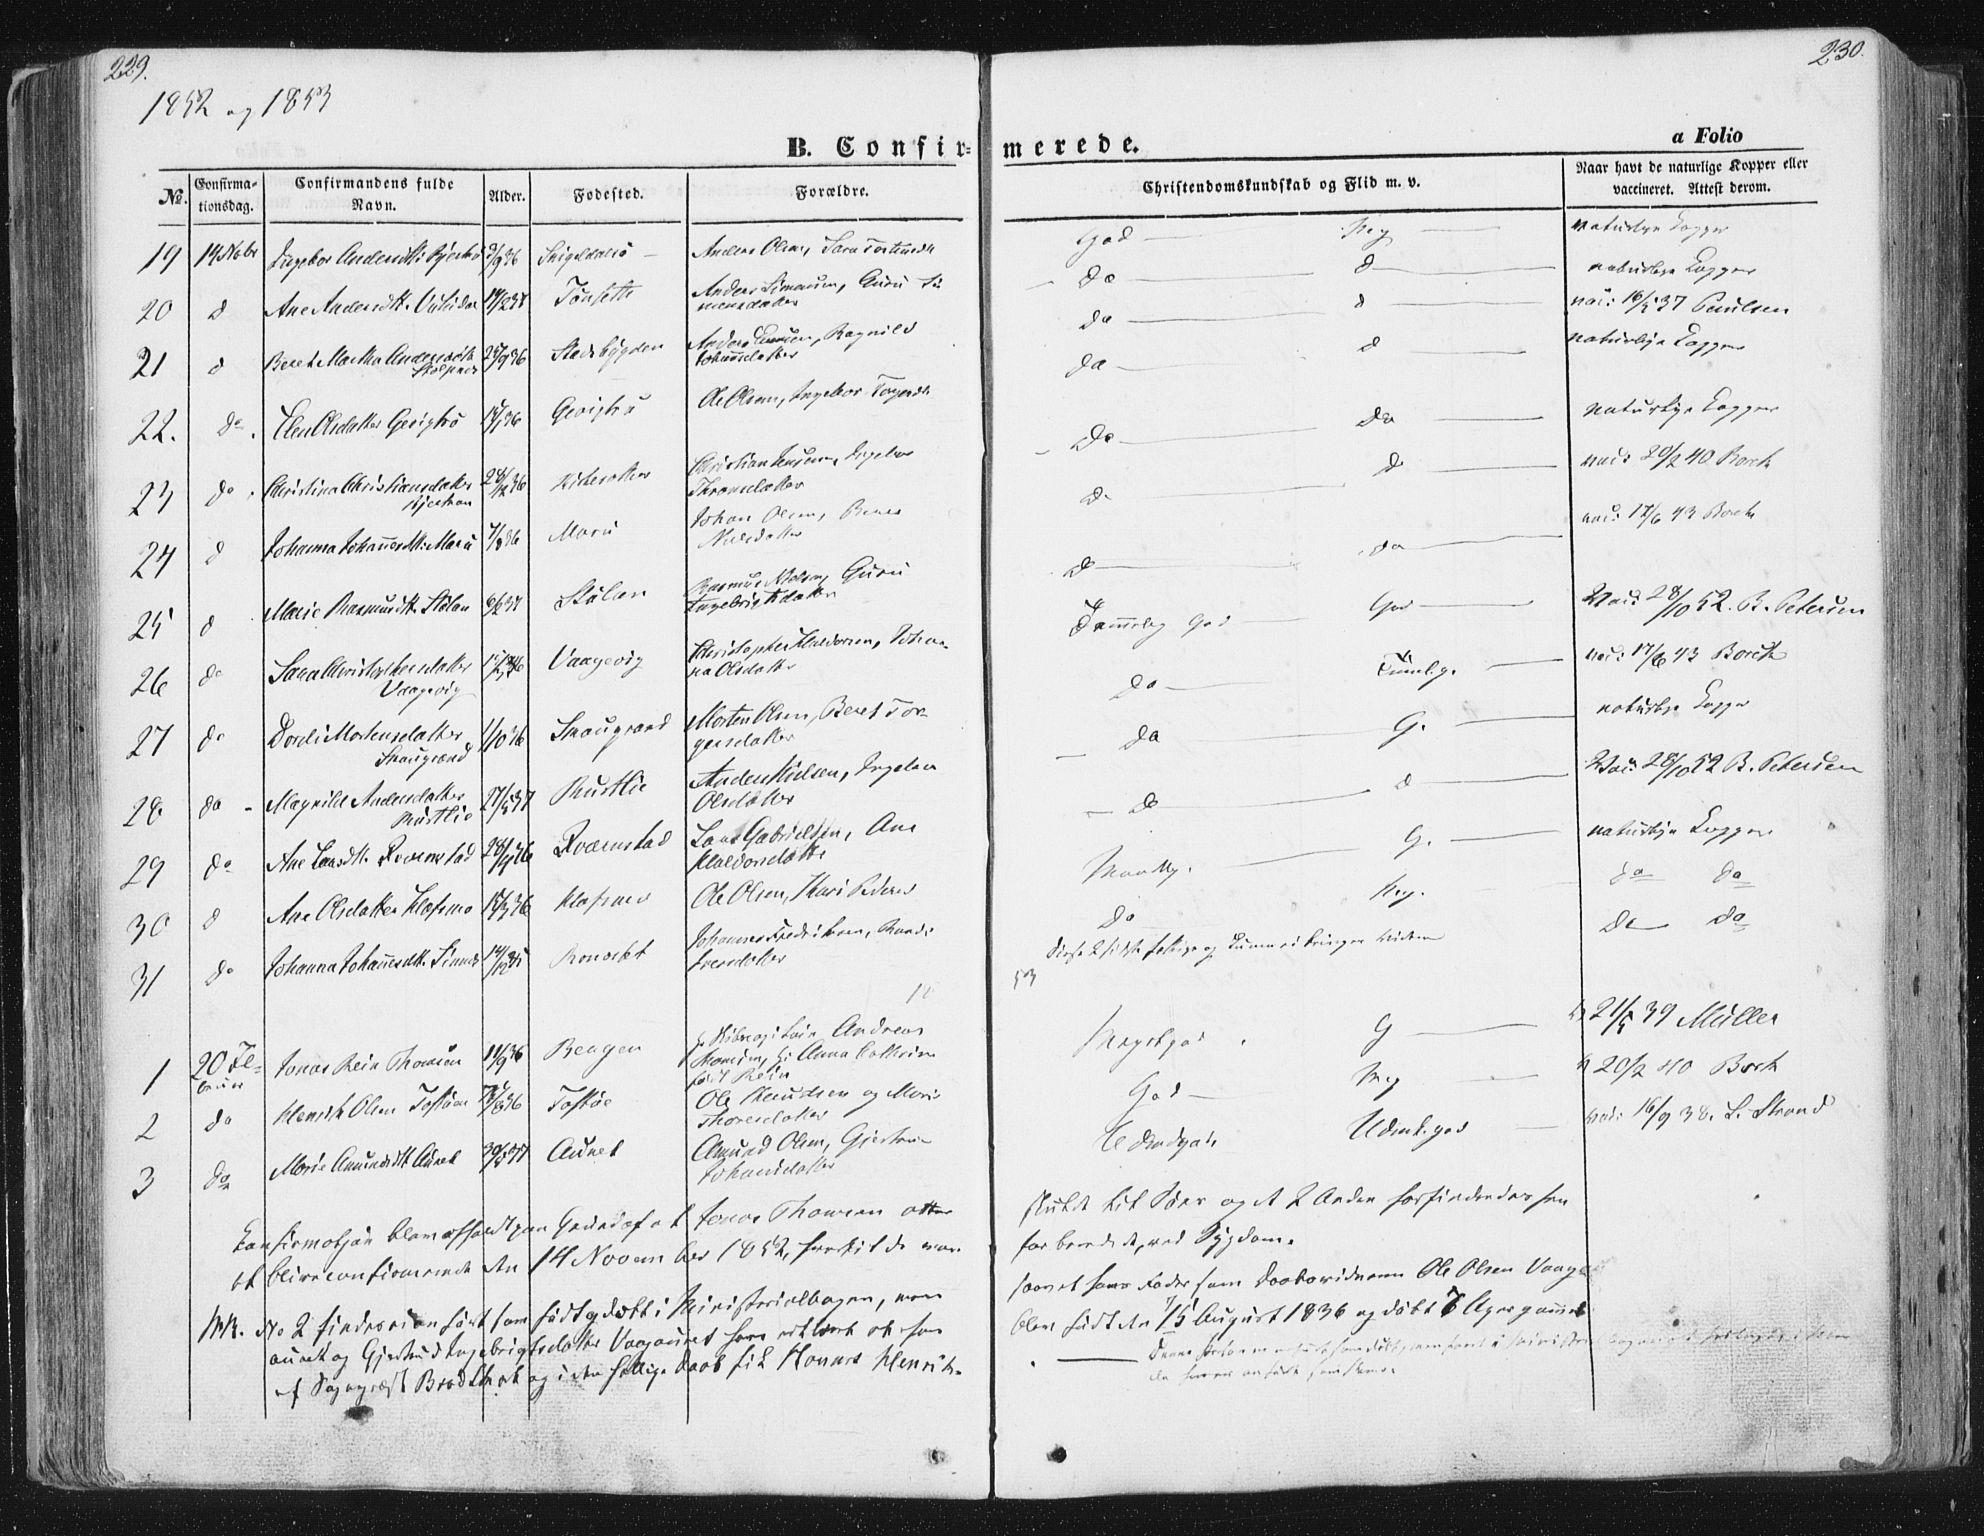 SAT, Ministerialprotokoller, klokkerbøker og fødselsregistre - Sør-Trøndelag, 630/L0494: Ministerialbok nr. 630A07, 1852-1868, s. 229-230